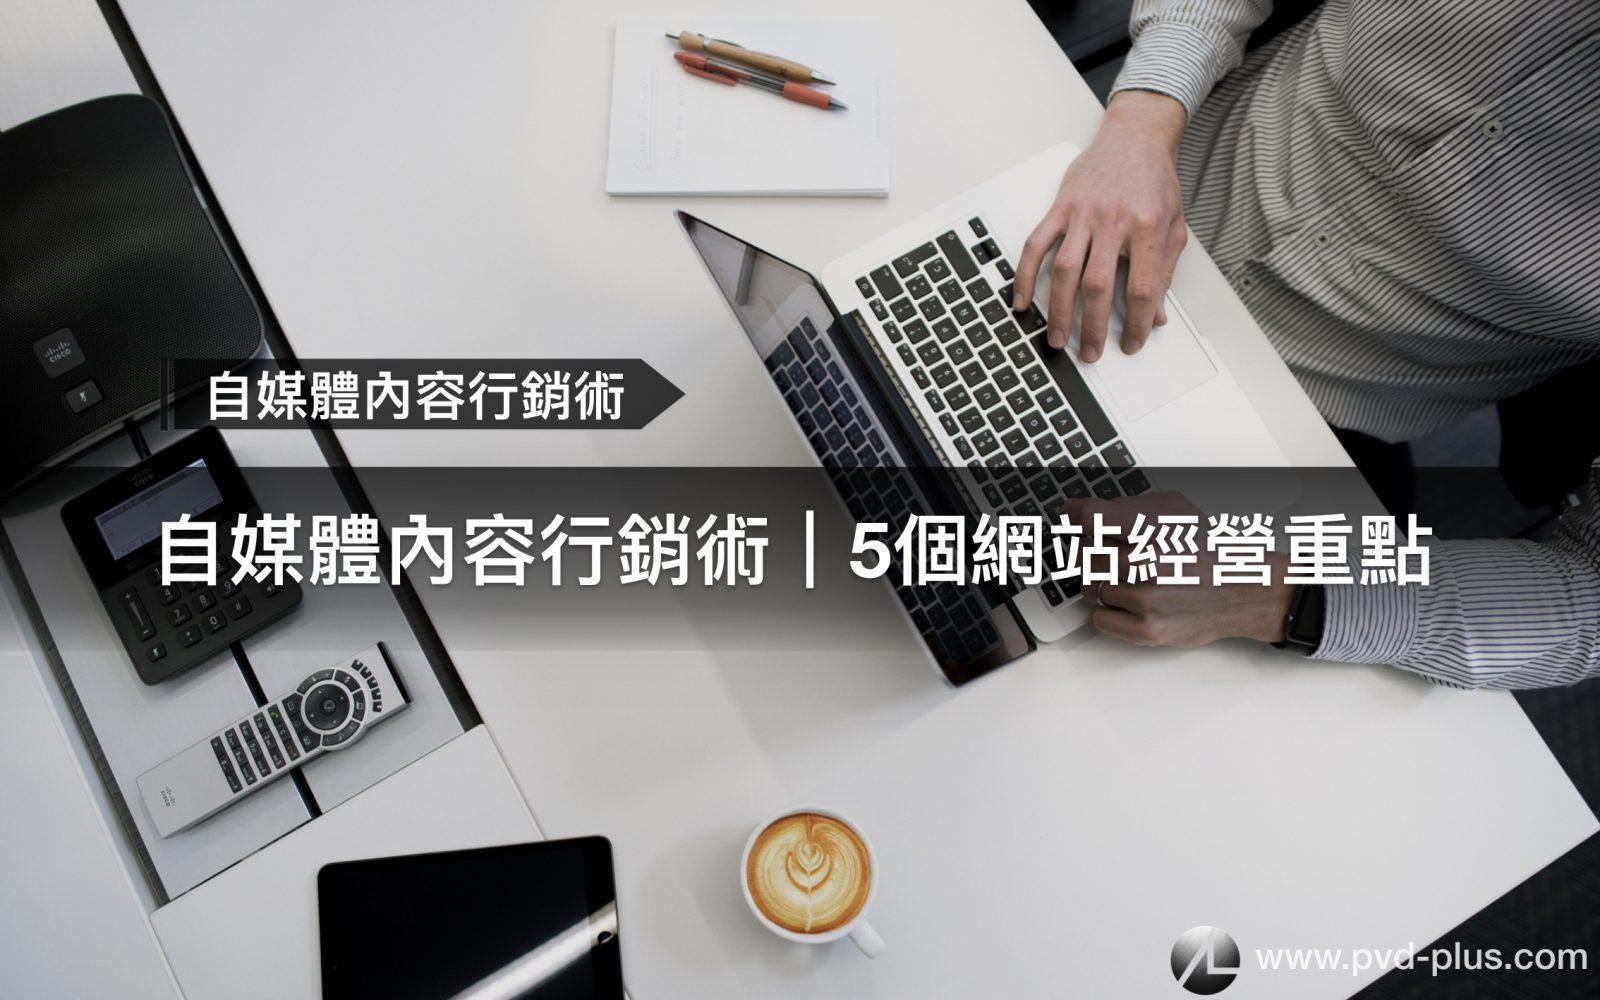 【自媒體行銷術】內容經營者,5個網站經營重點